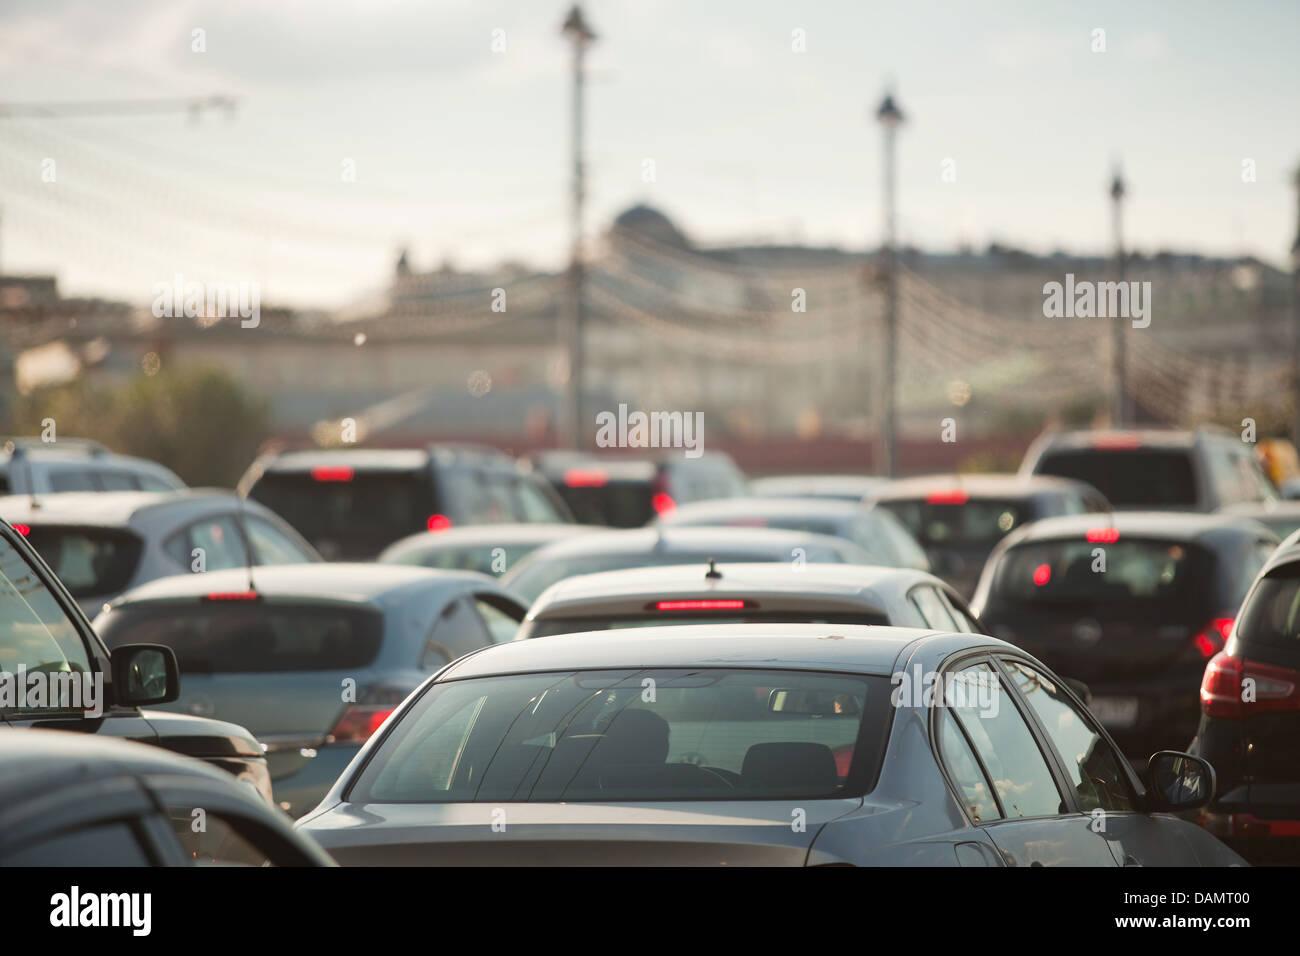 Voitures en circulation dans une ville aux heures de pointe Photo Stock